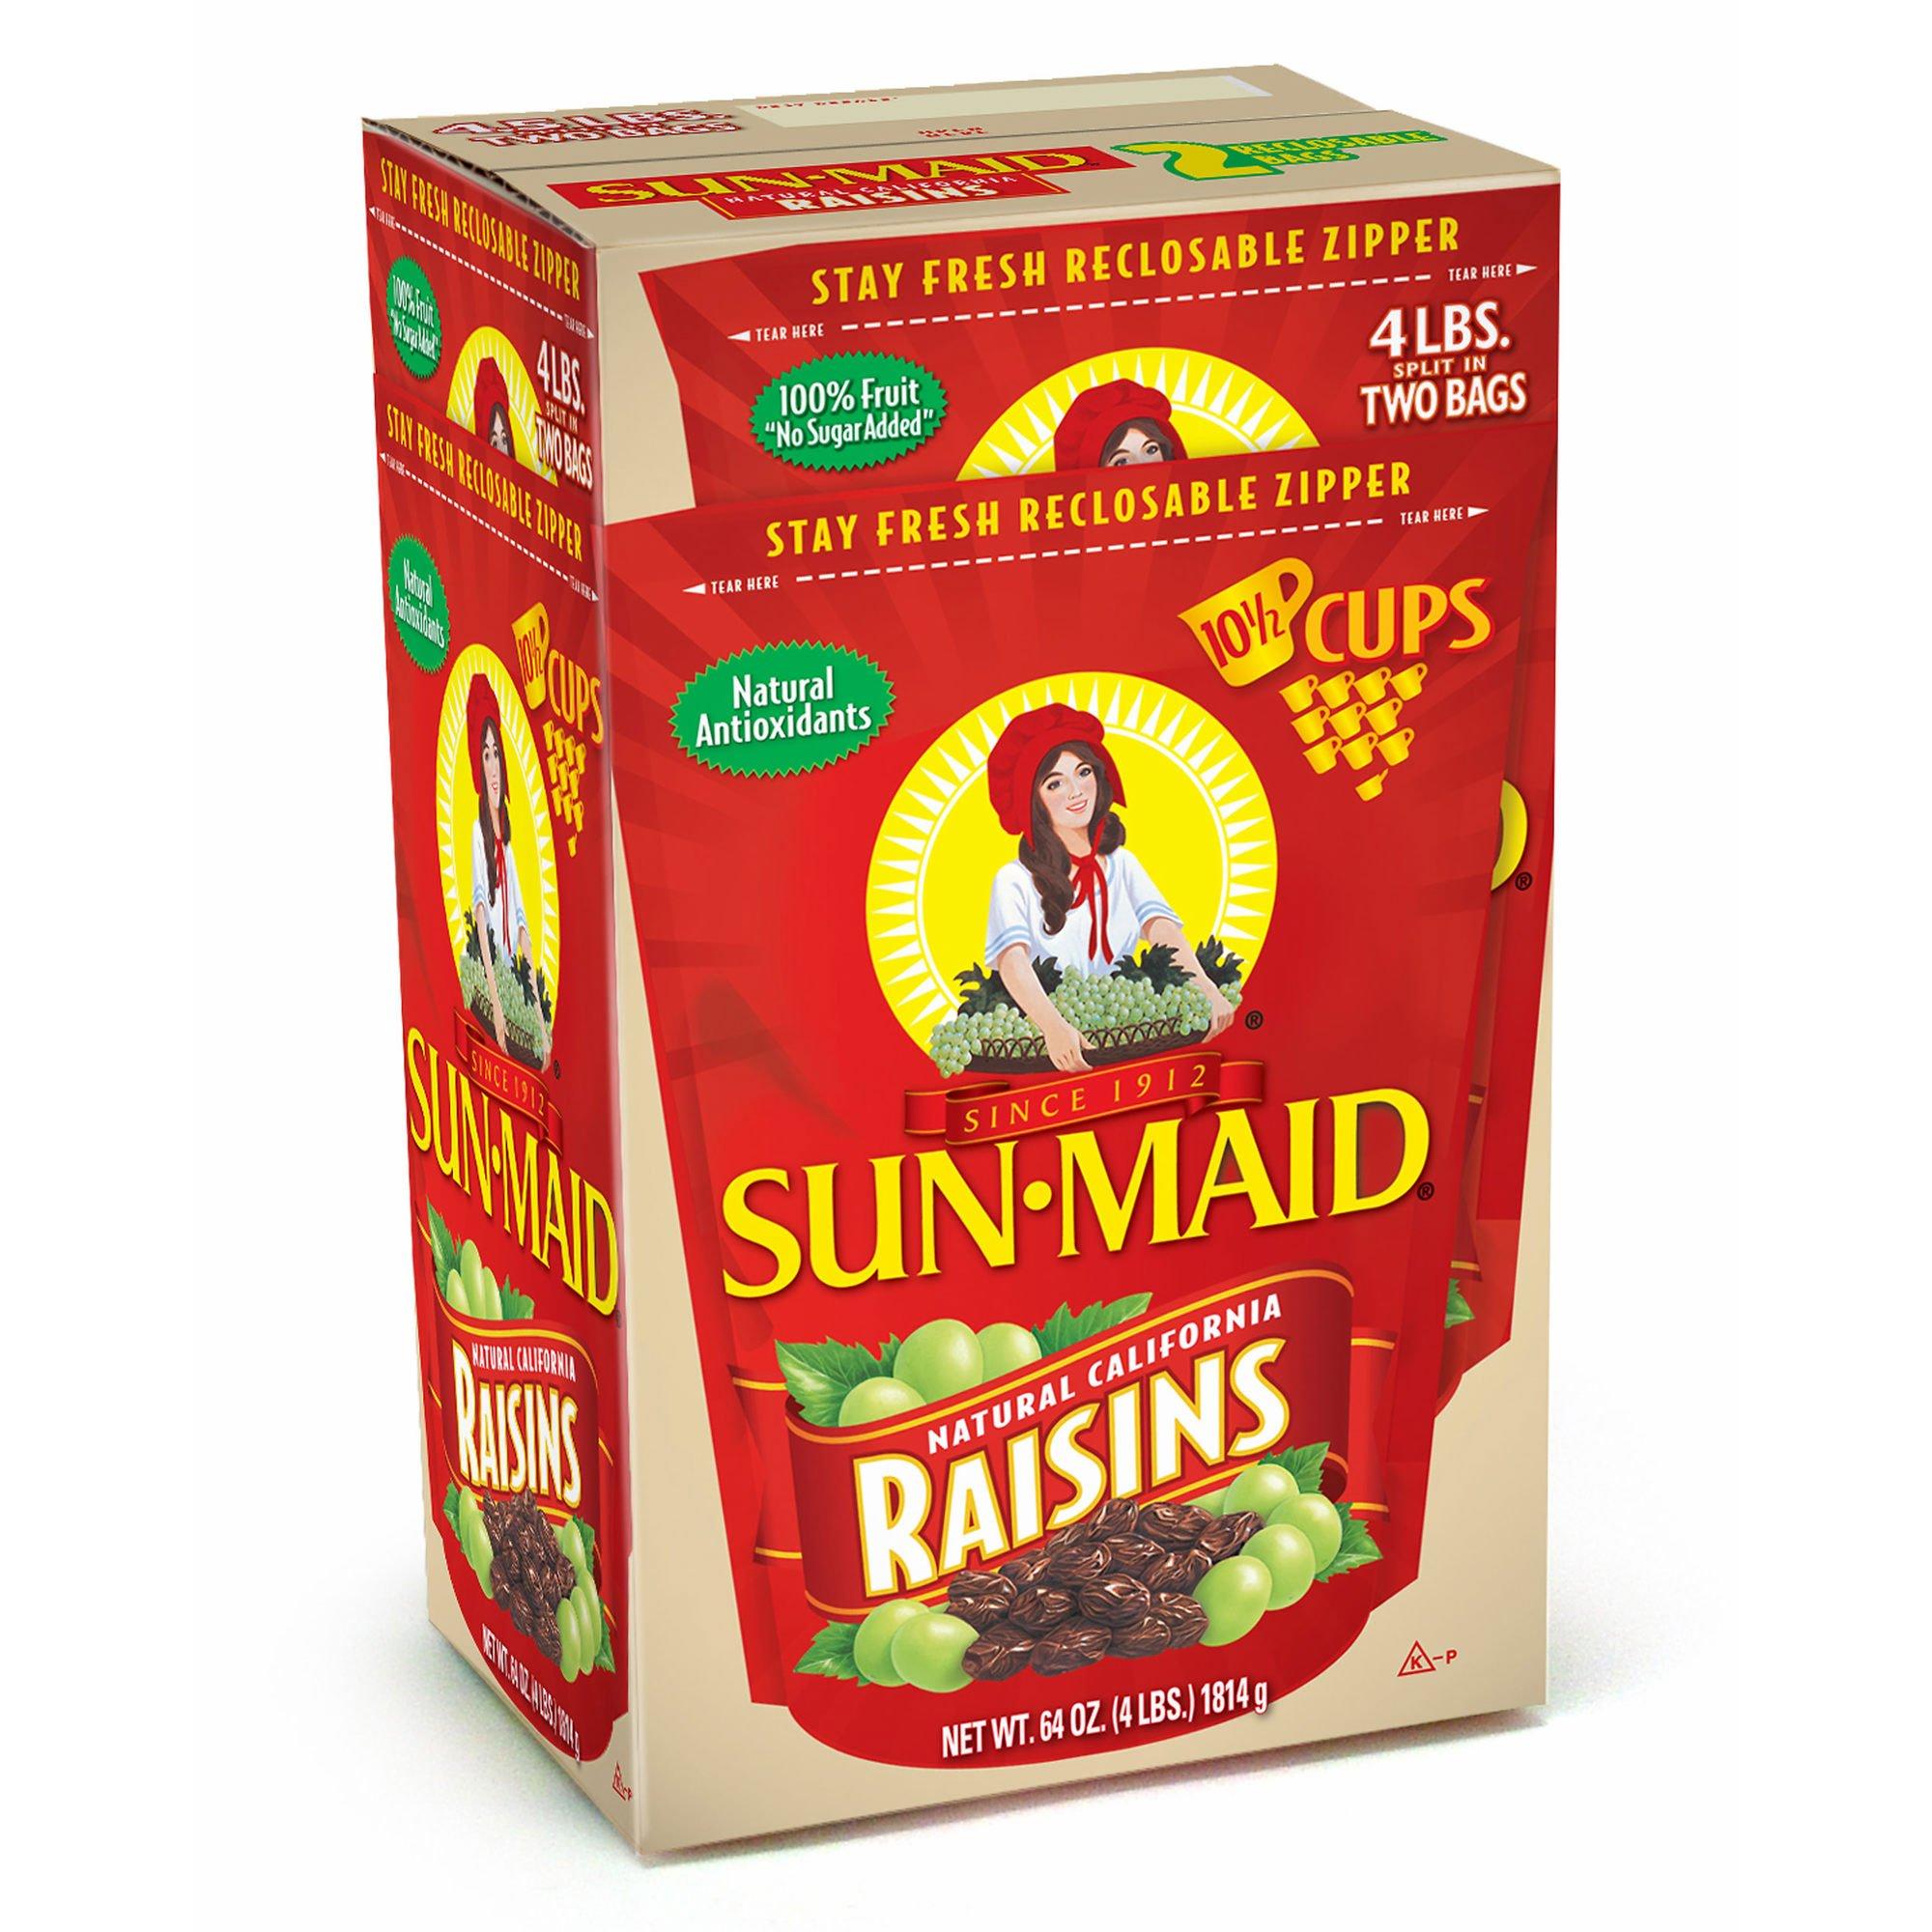 Sun-Maid California Raisins, 4 lbs.